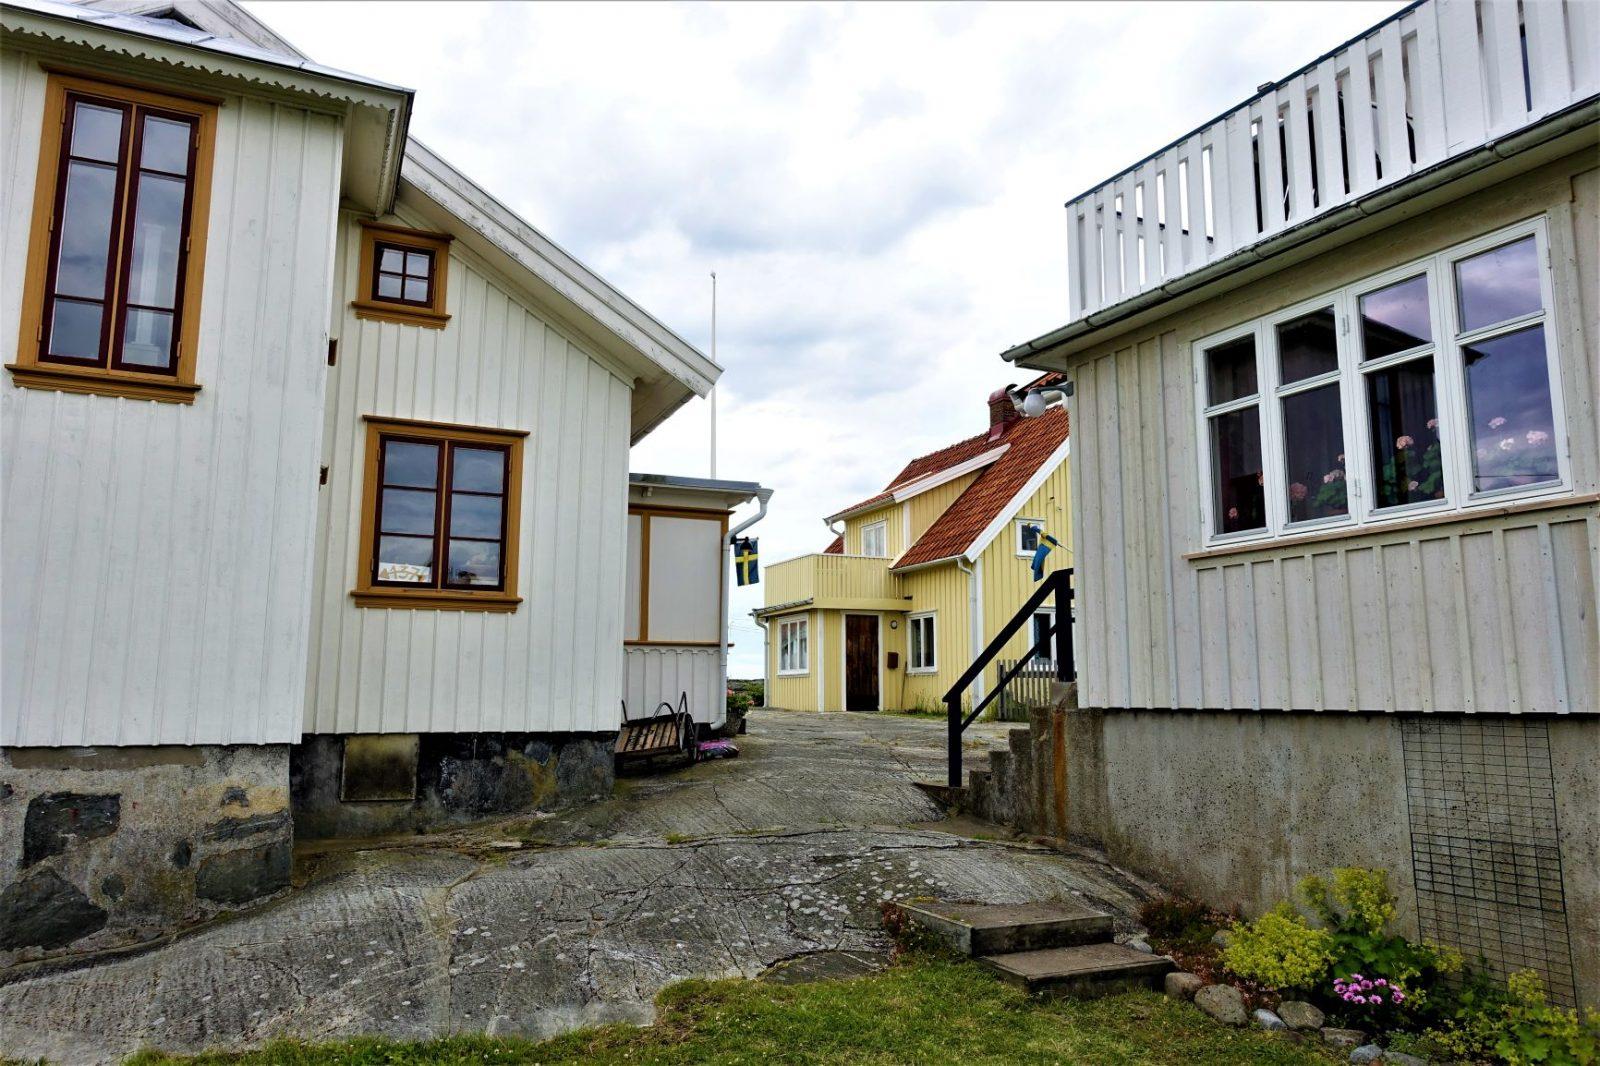 tett mellom husene på Käringö bohuslän